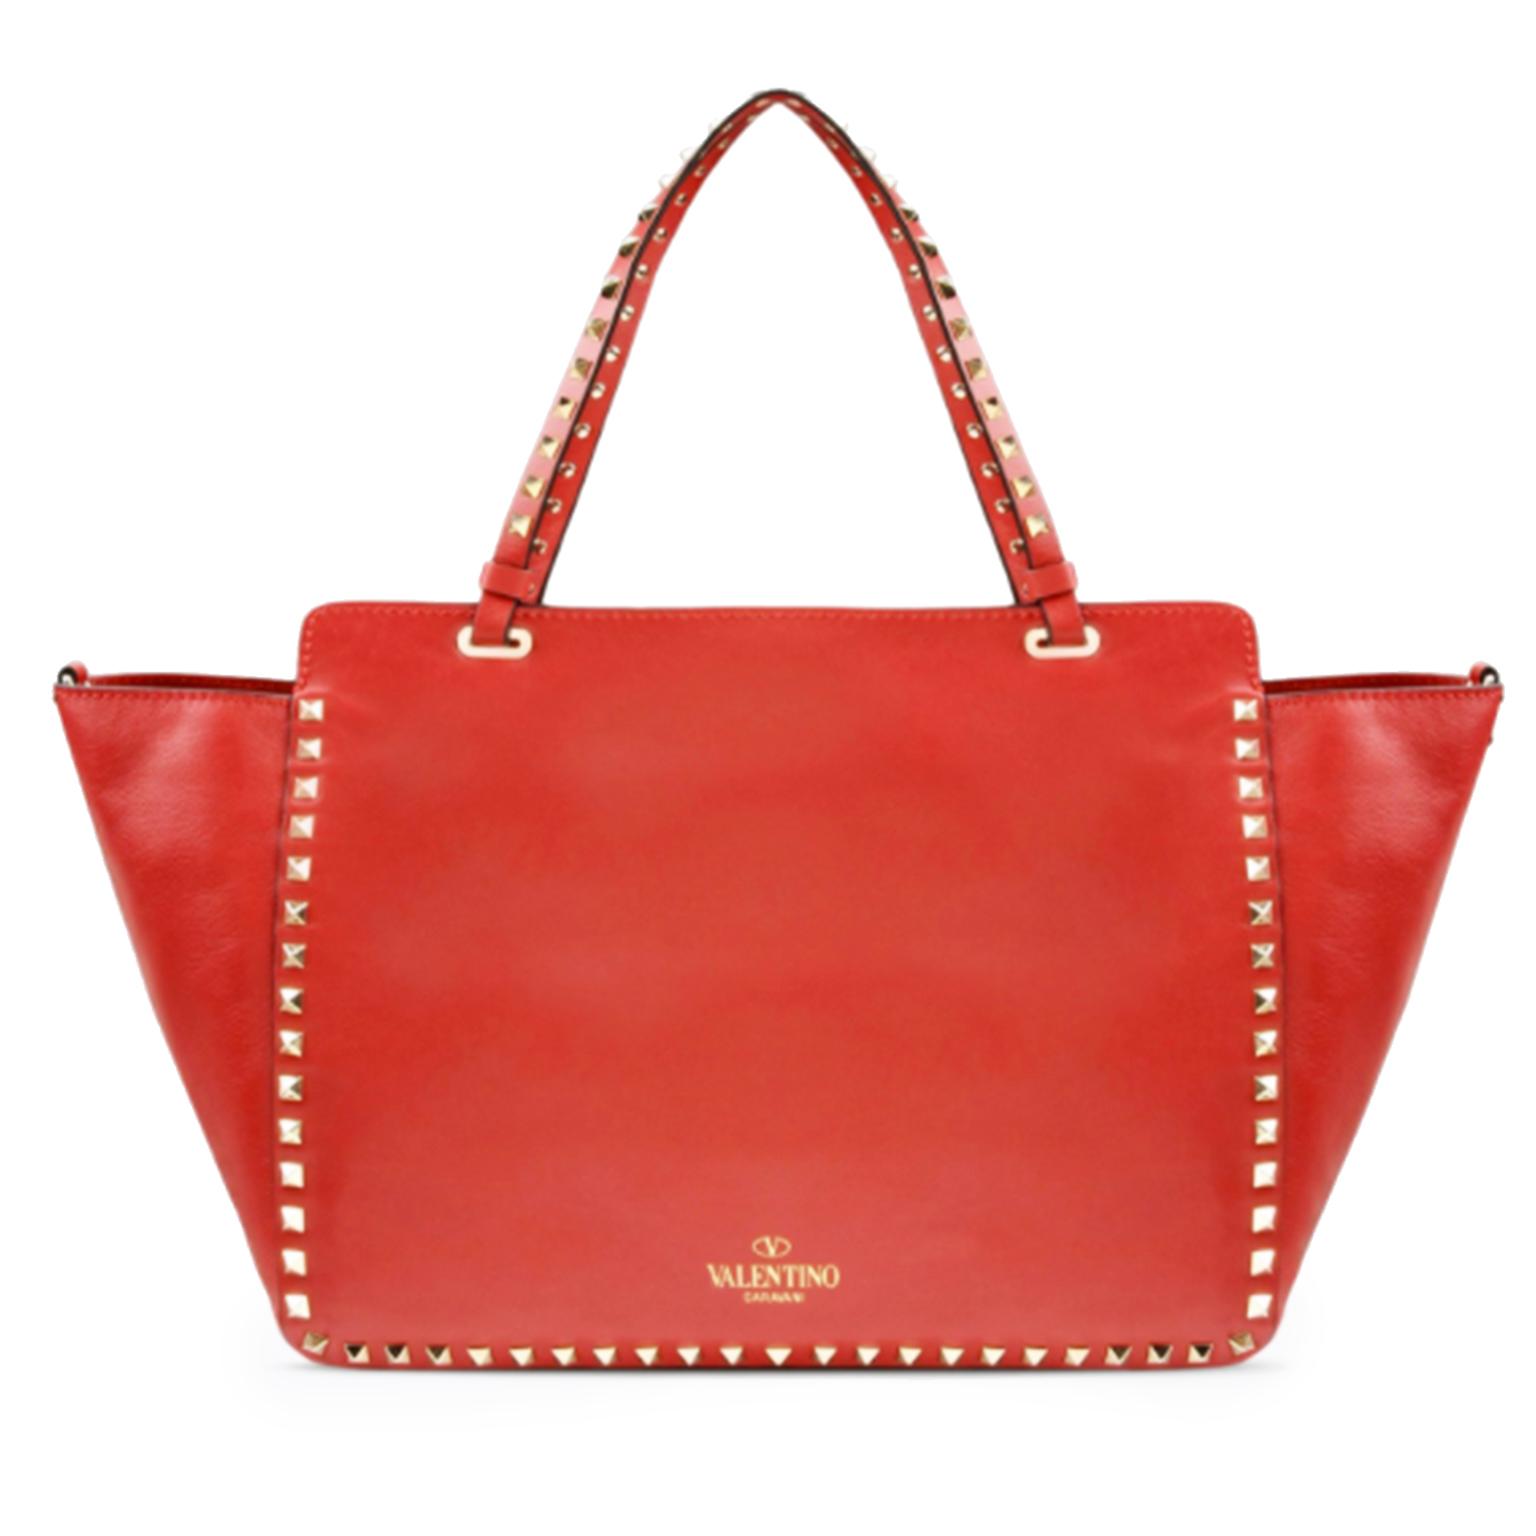 valentino rockstud medium tote bag en ligne chez labellov.com pour le meilleur prix